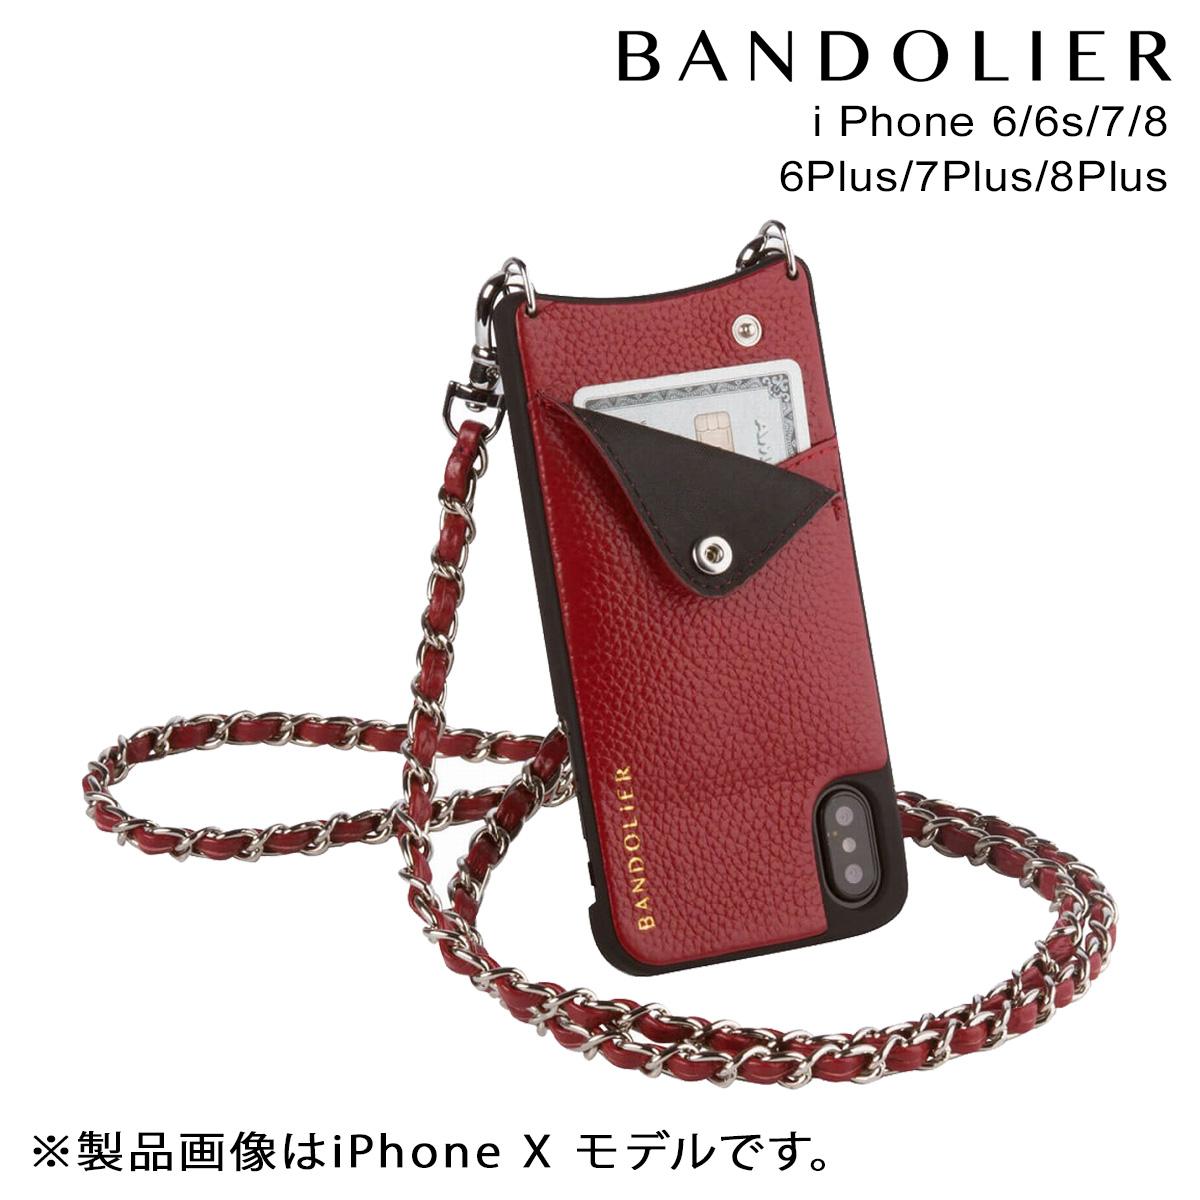 BANDOLIER バンドリヤー iPhone8 iPhone7 7Plus 6s ケース スマホ アイフォン プラス LUCY CRIMSON メンズ レディース [10/24 新入荷]